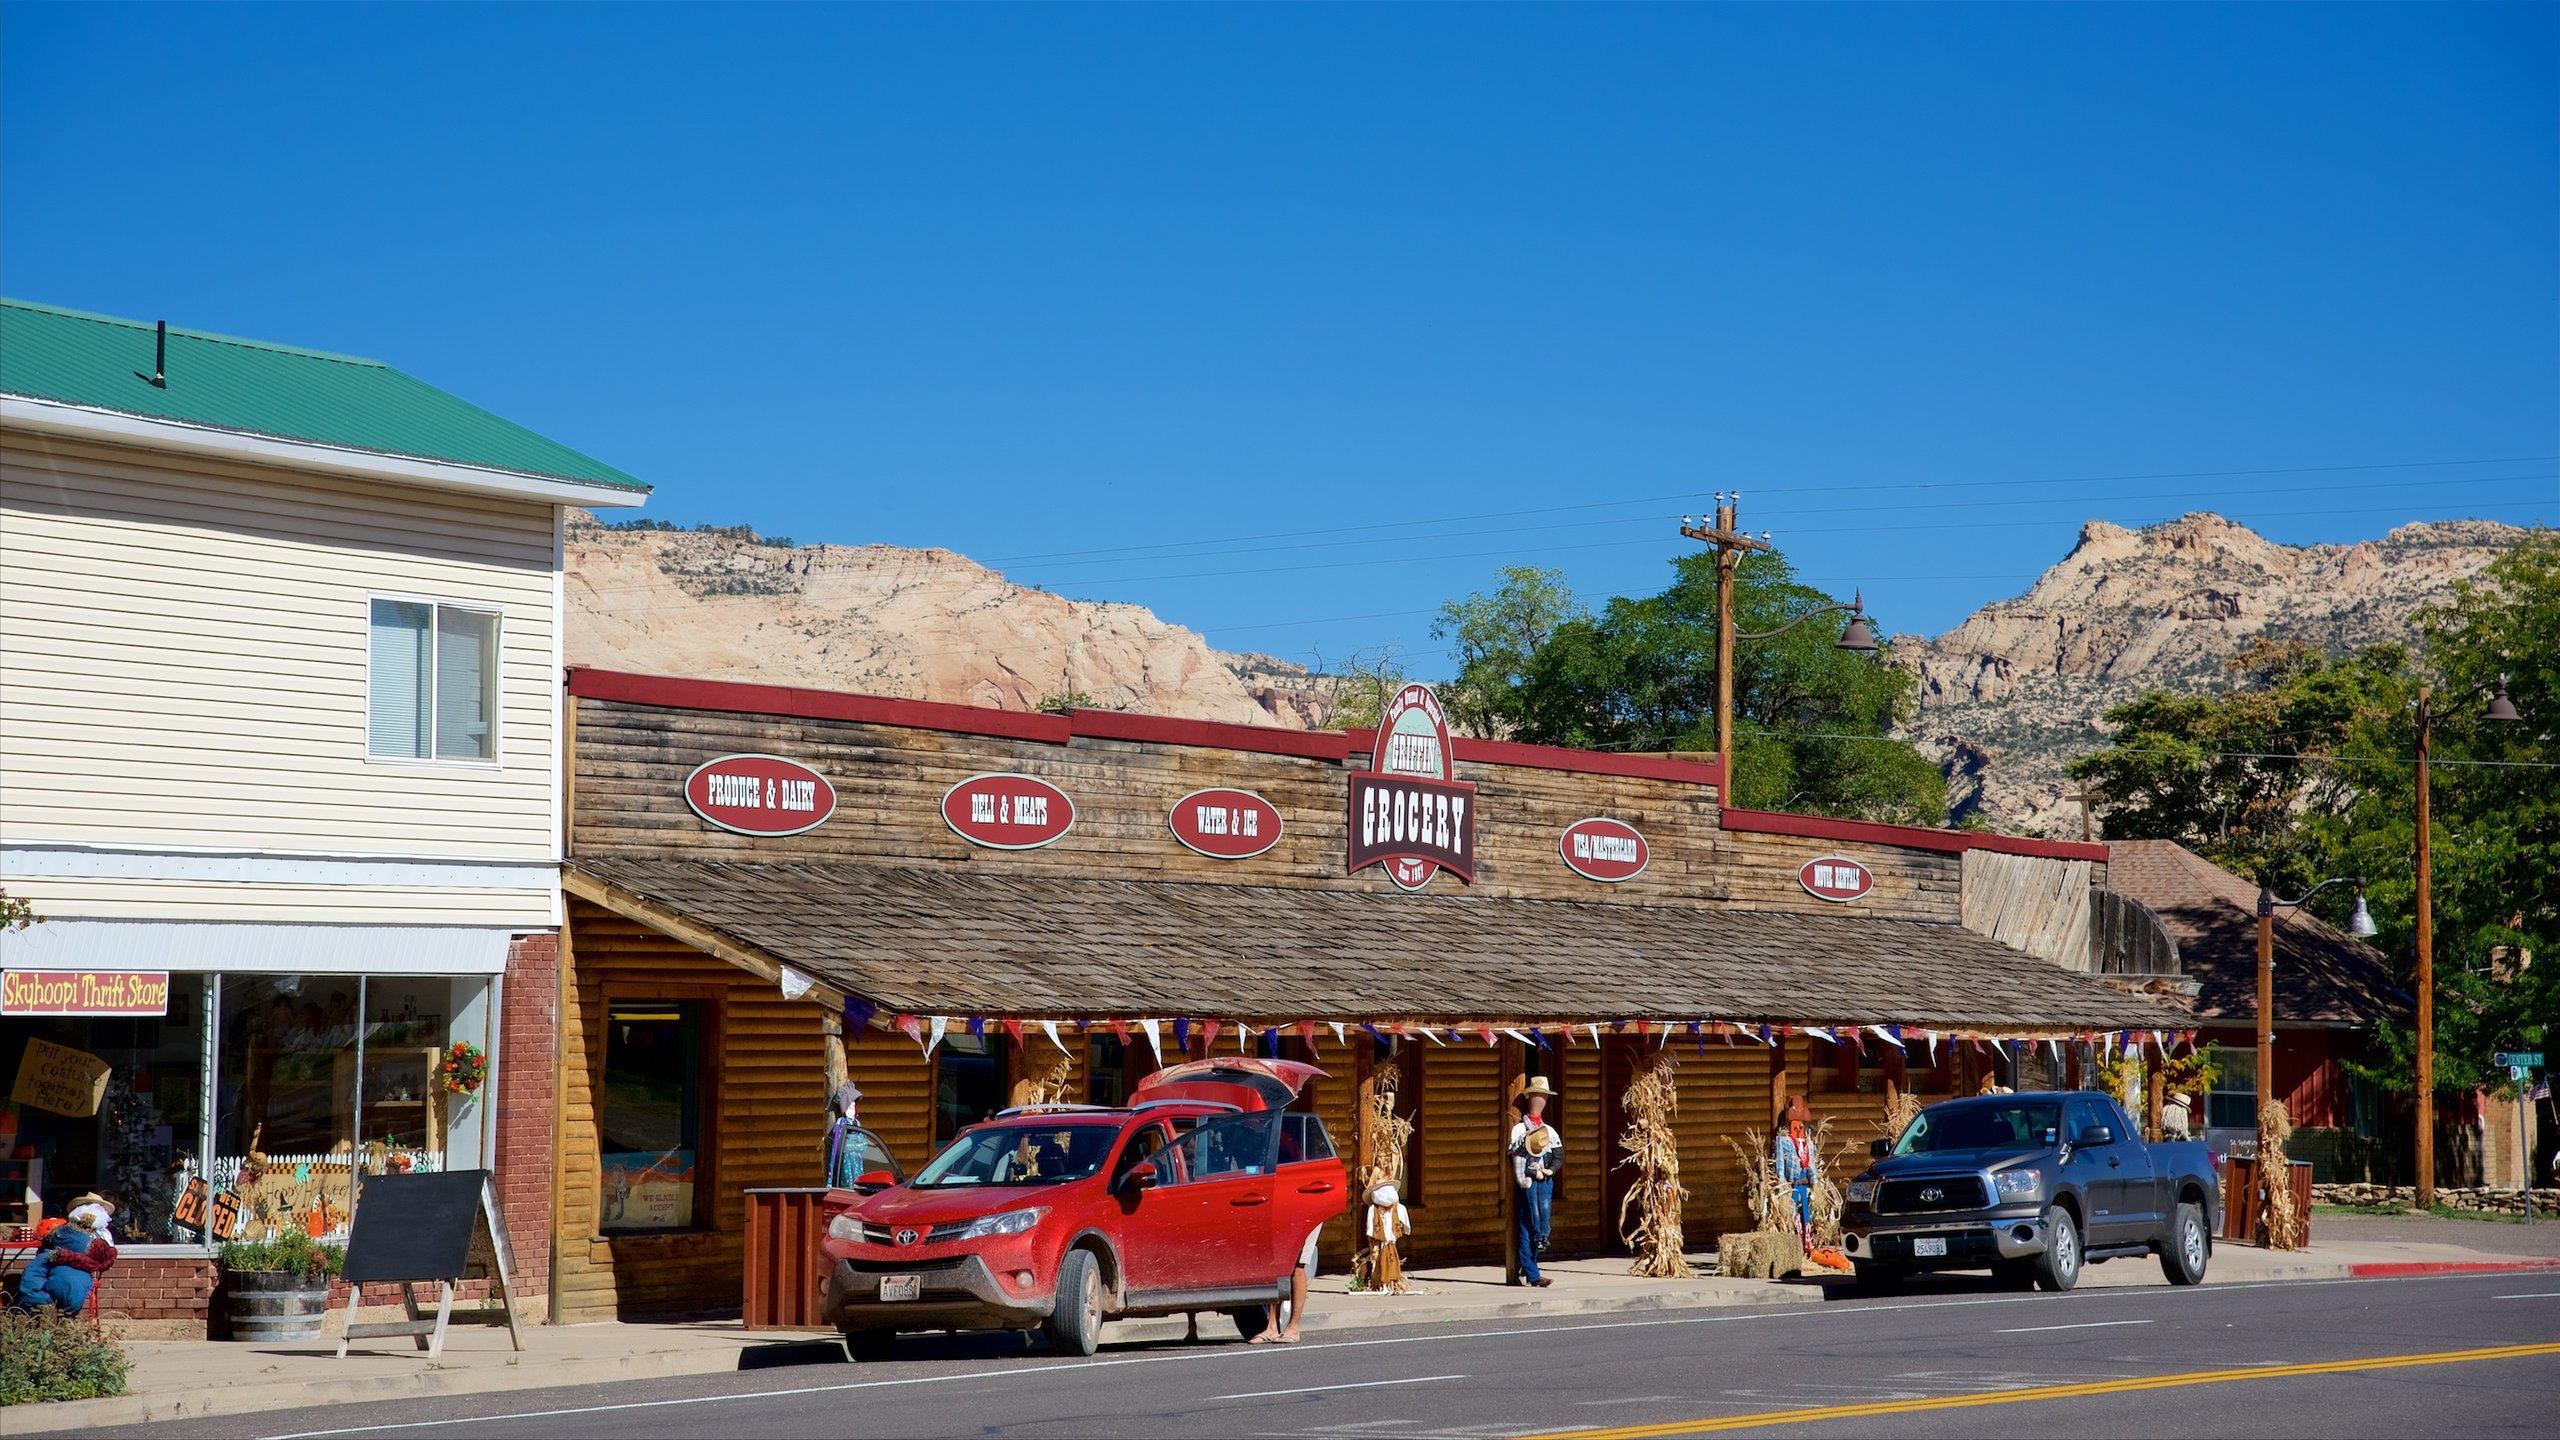 Escalante, Utah, United States of America